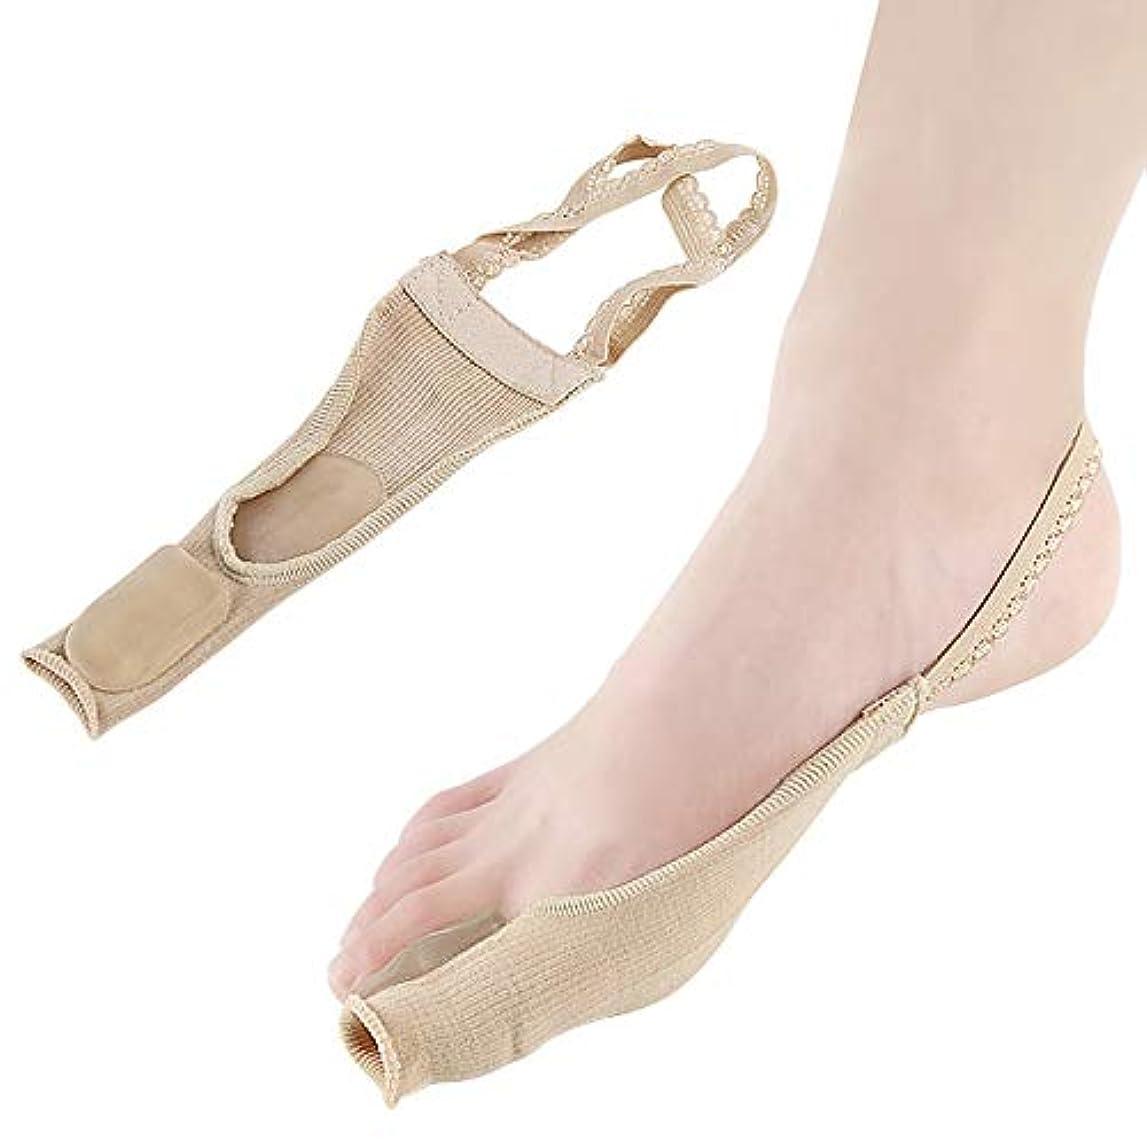 クランプうねるひねくれたつま先矯正靴下ワンサイズレース防止つま先外反重複高弾性厚み減衰吸収汗通気性ナイロンSEBS,2Pairs